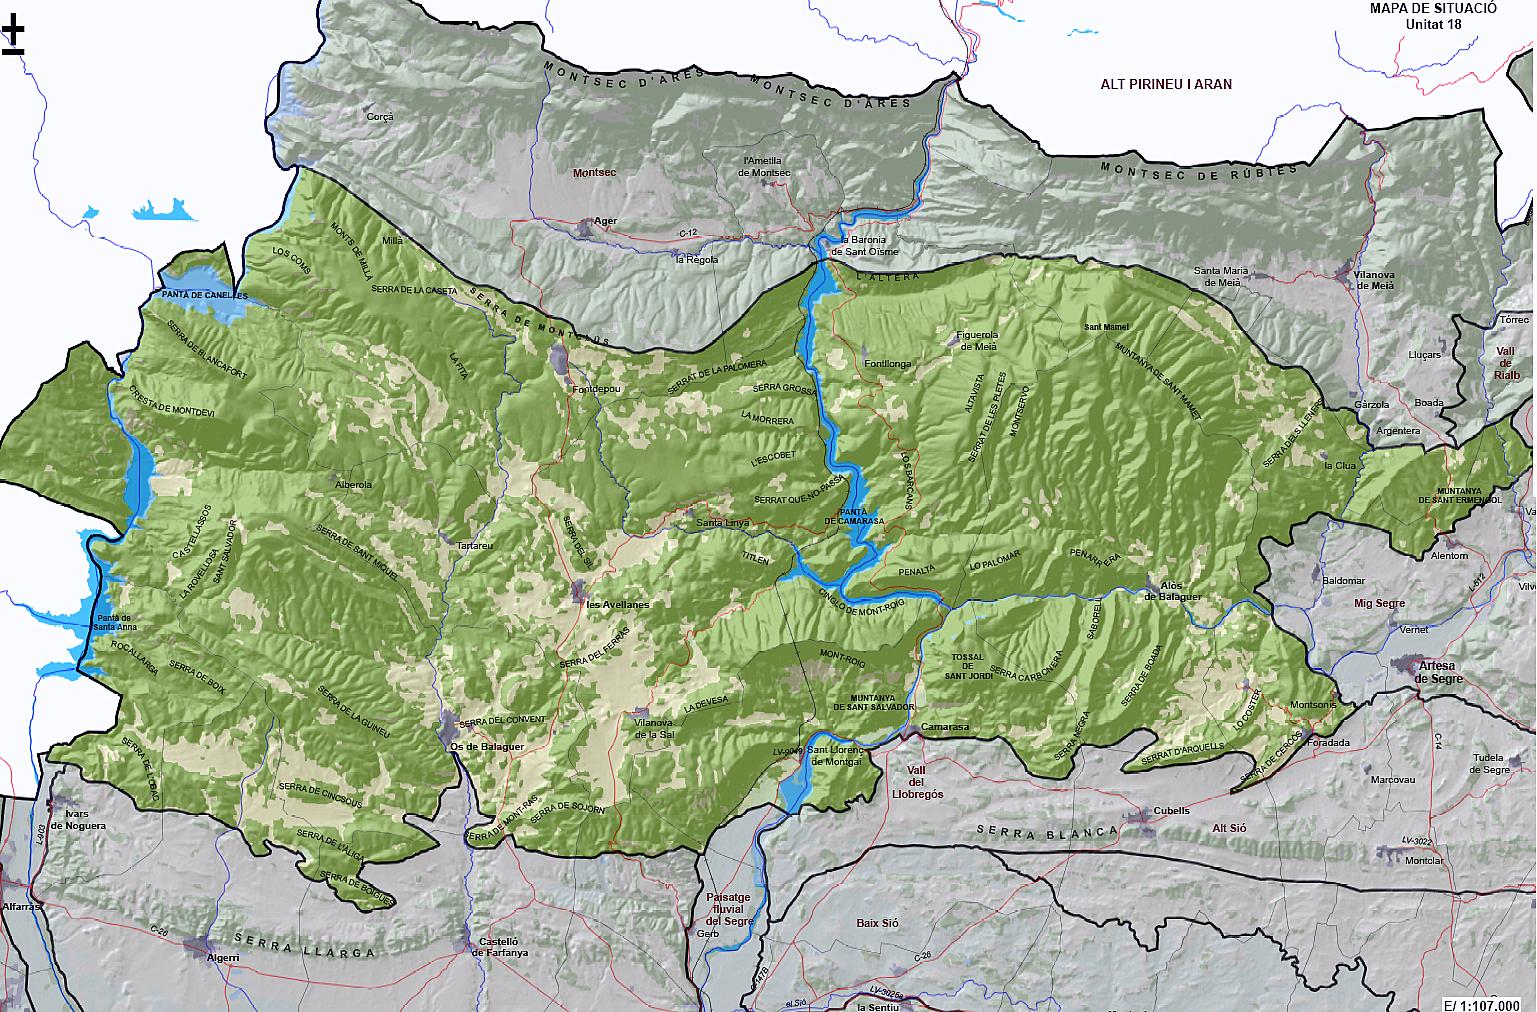 Mapa del Paisatge dels Aspres de La Noguera segons l'Observatori del Paisatge.